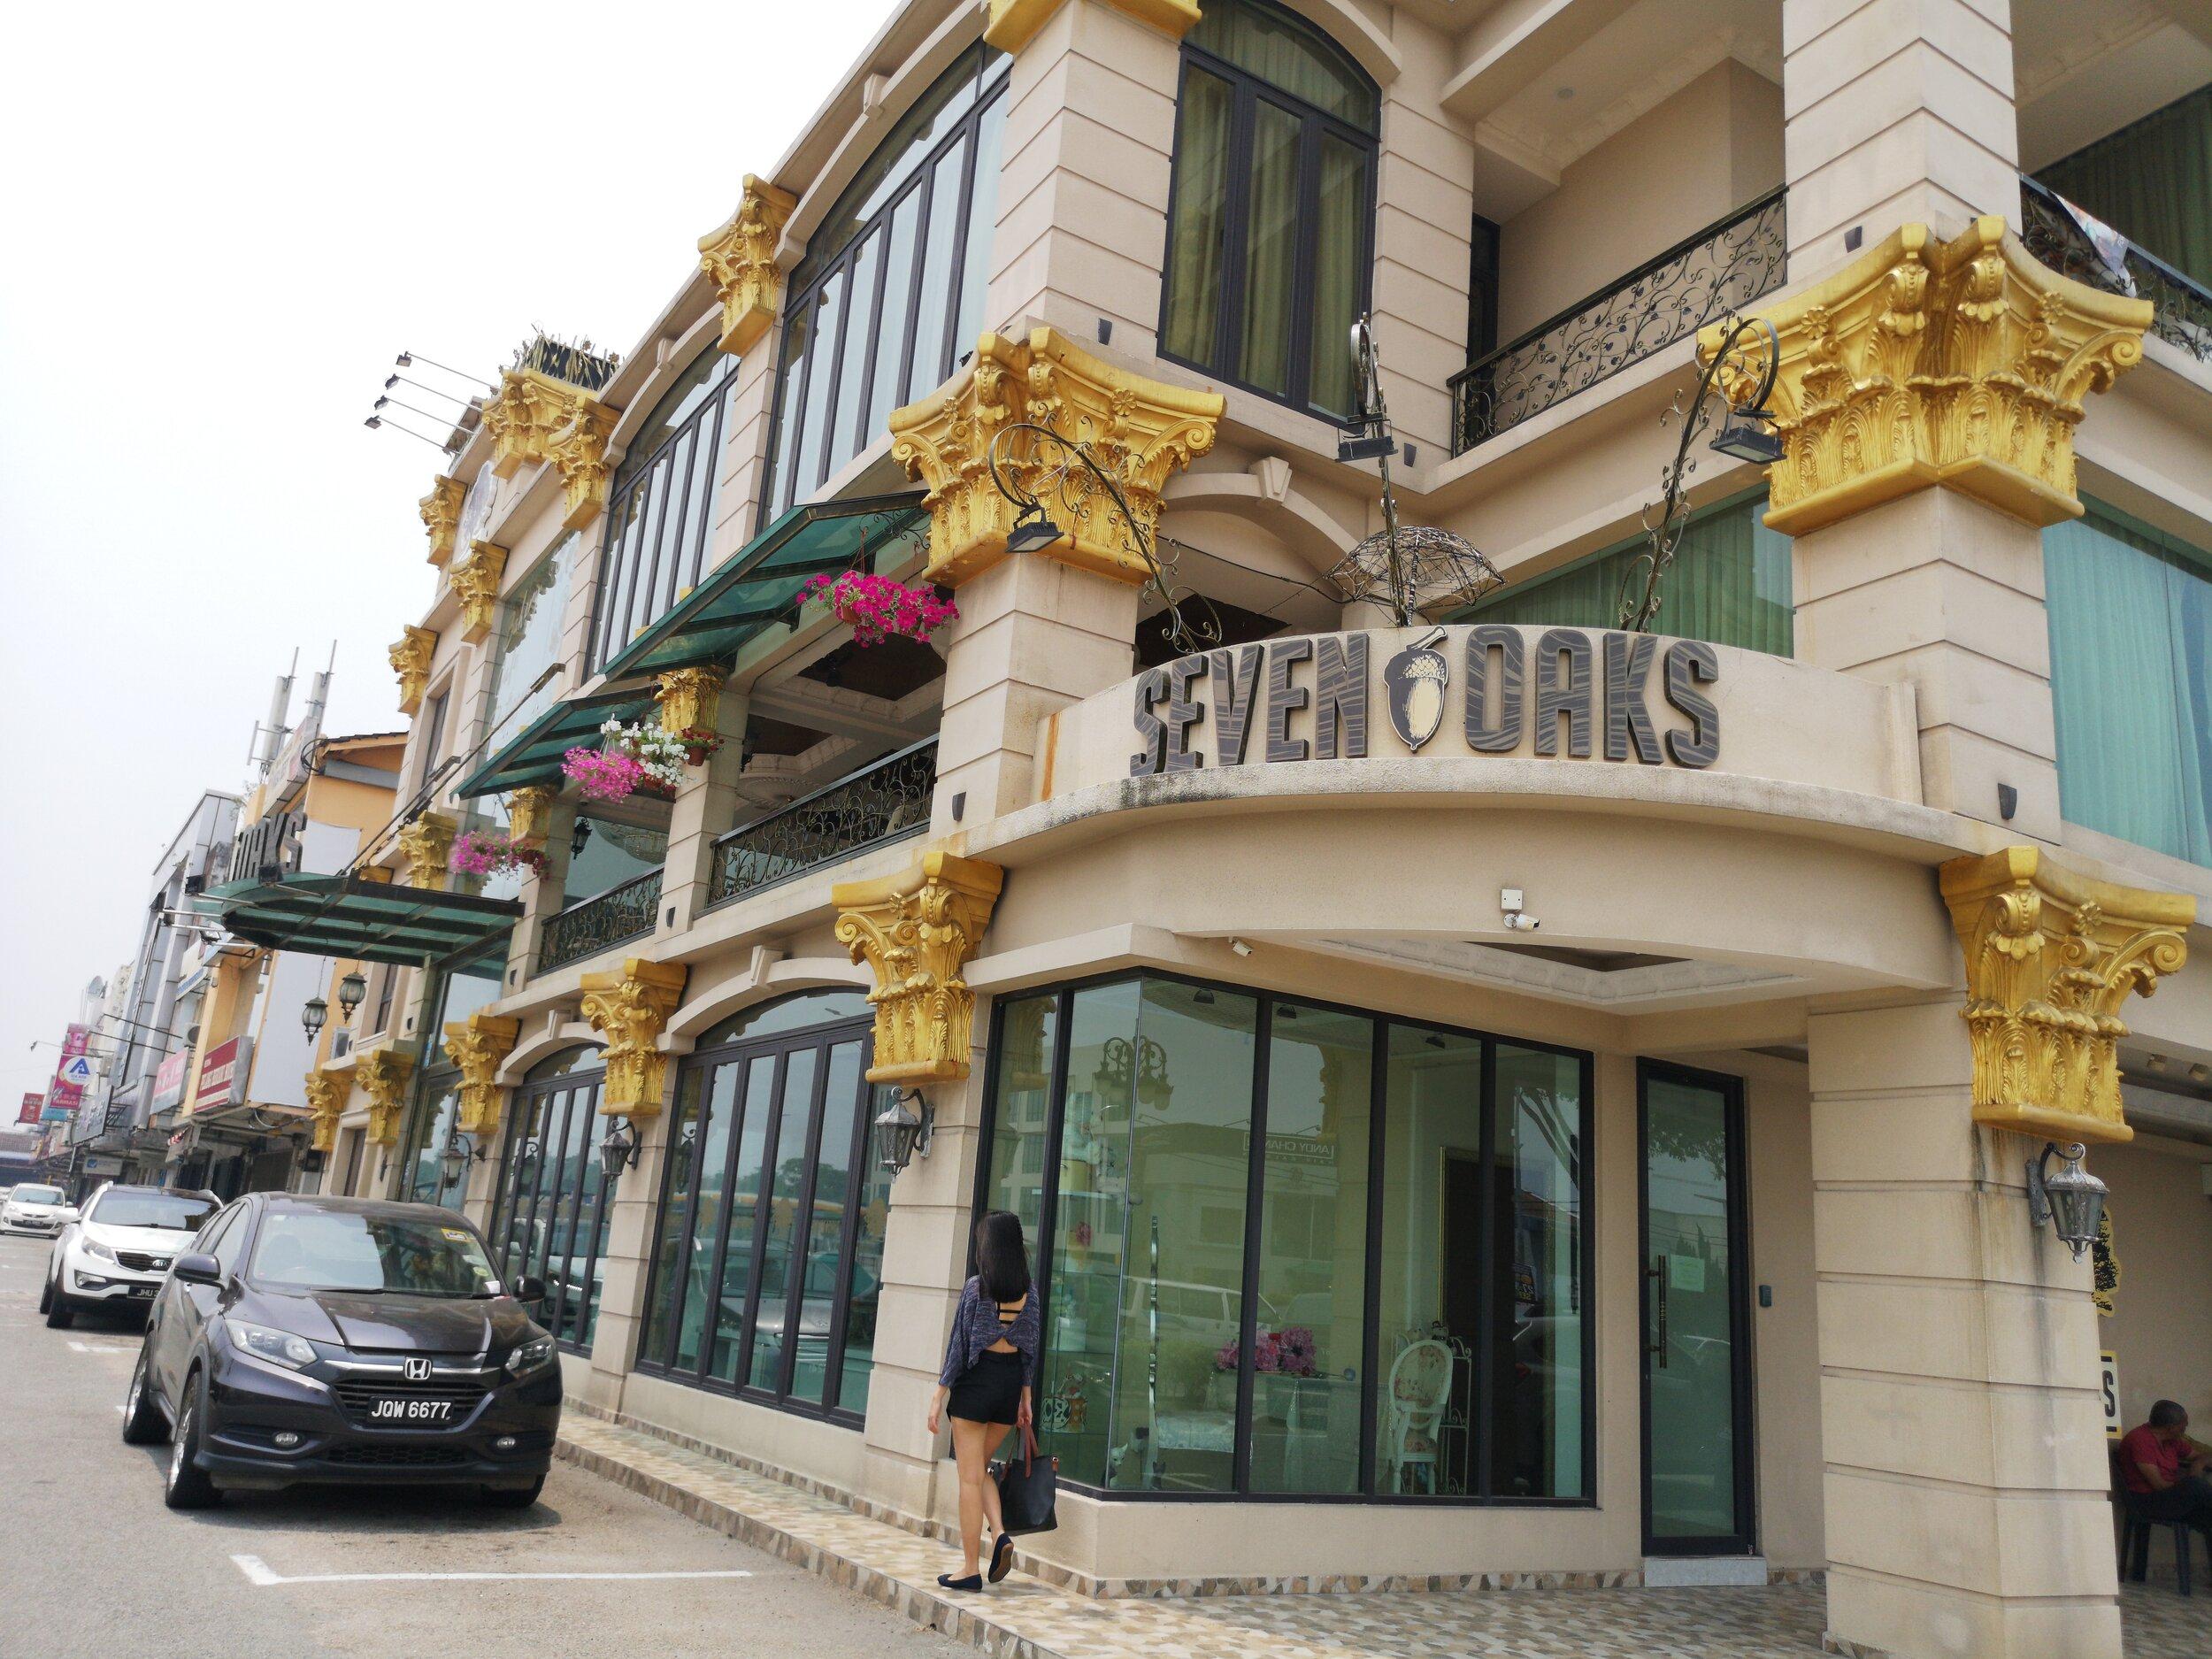 Sevenoaks Bakery & Cafe JB